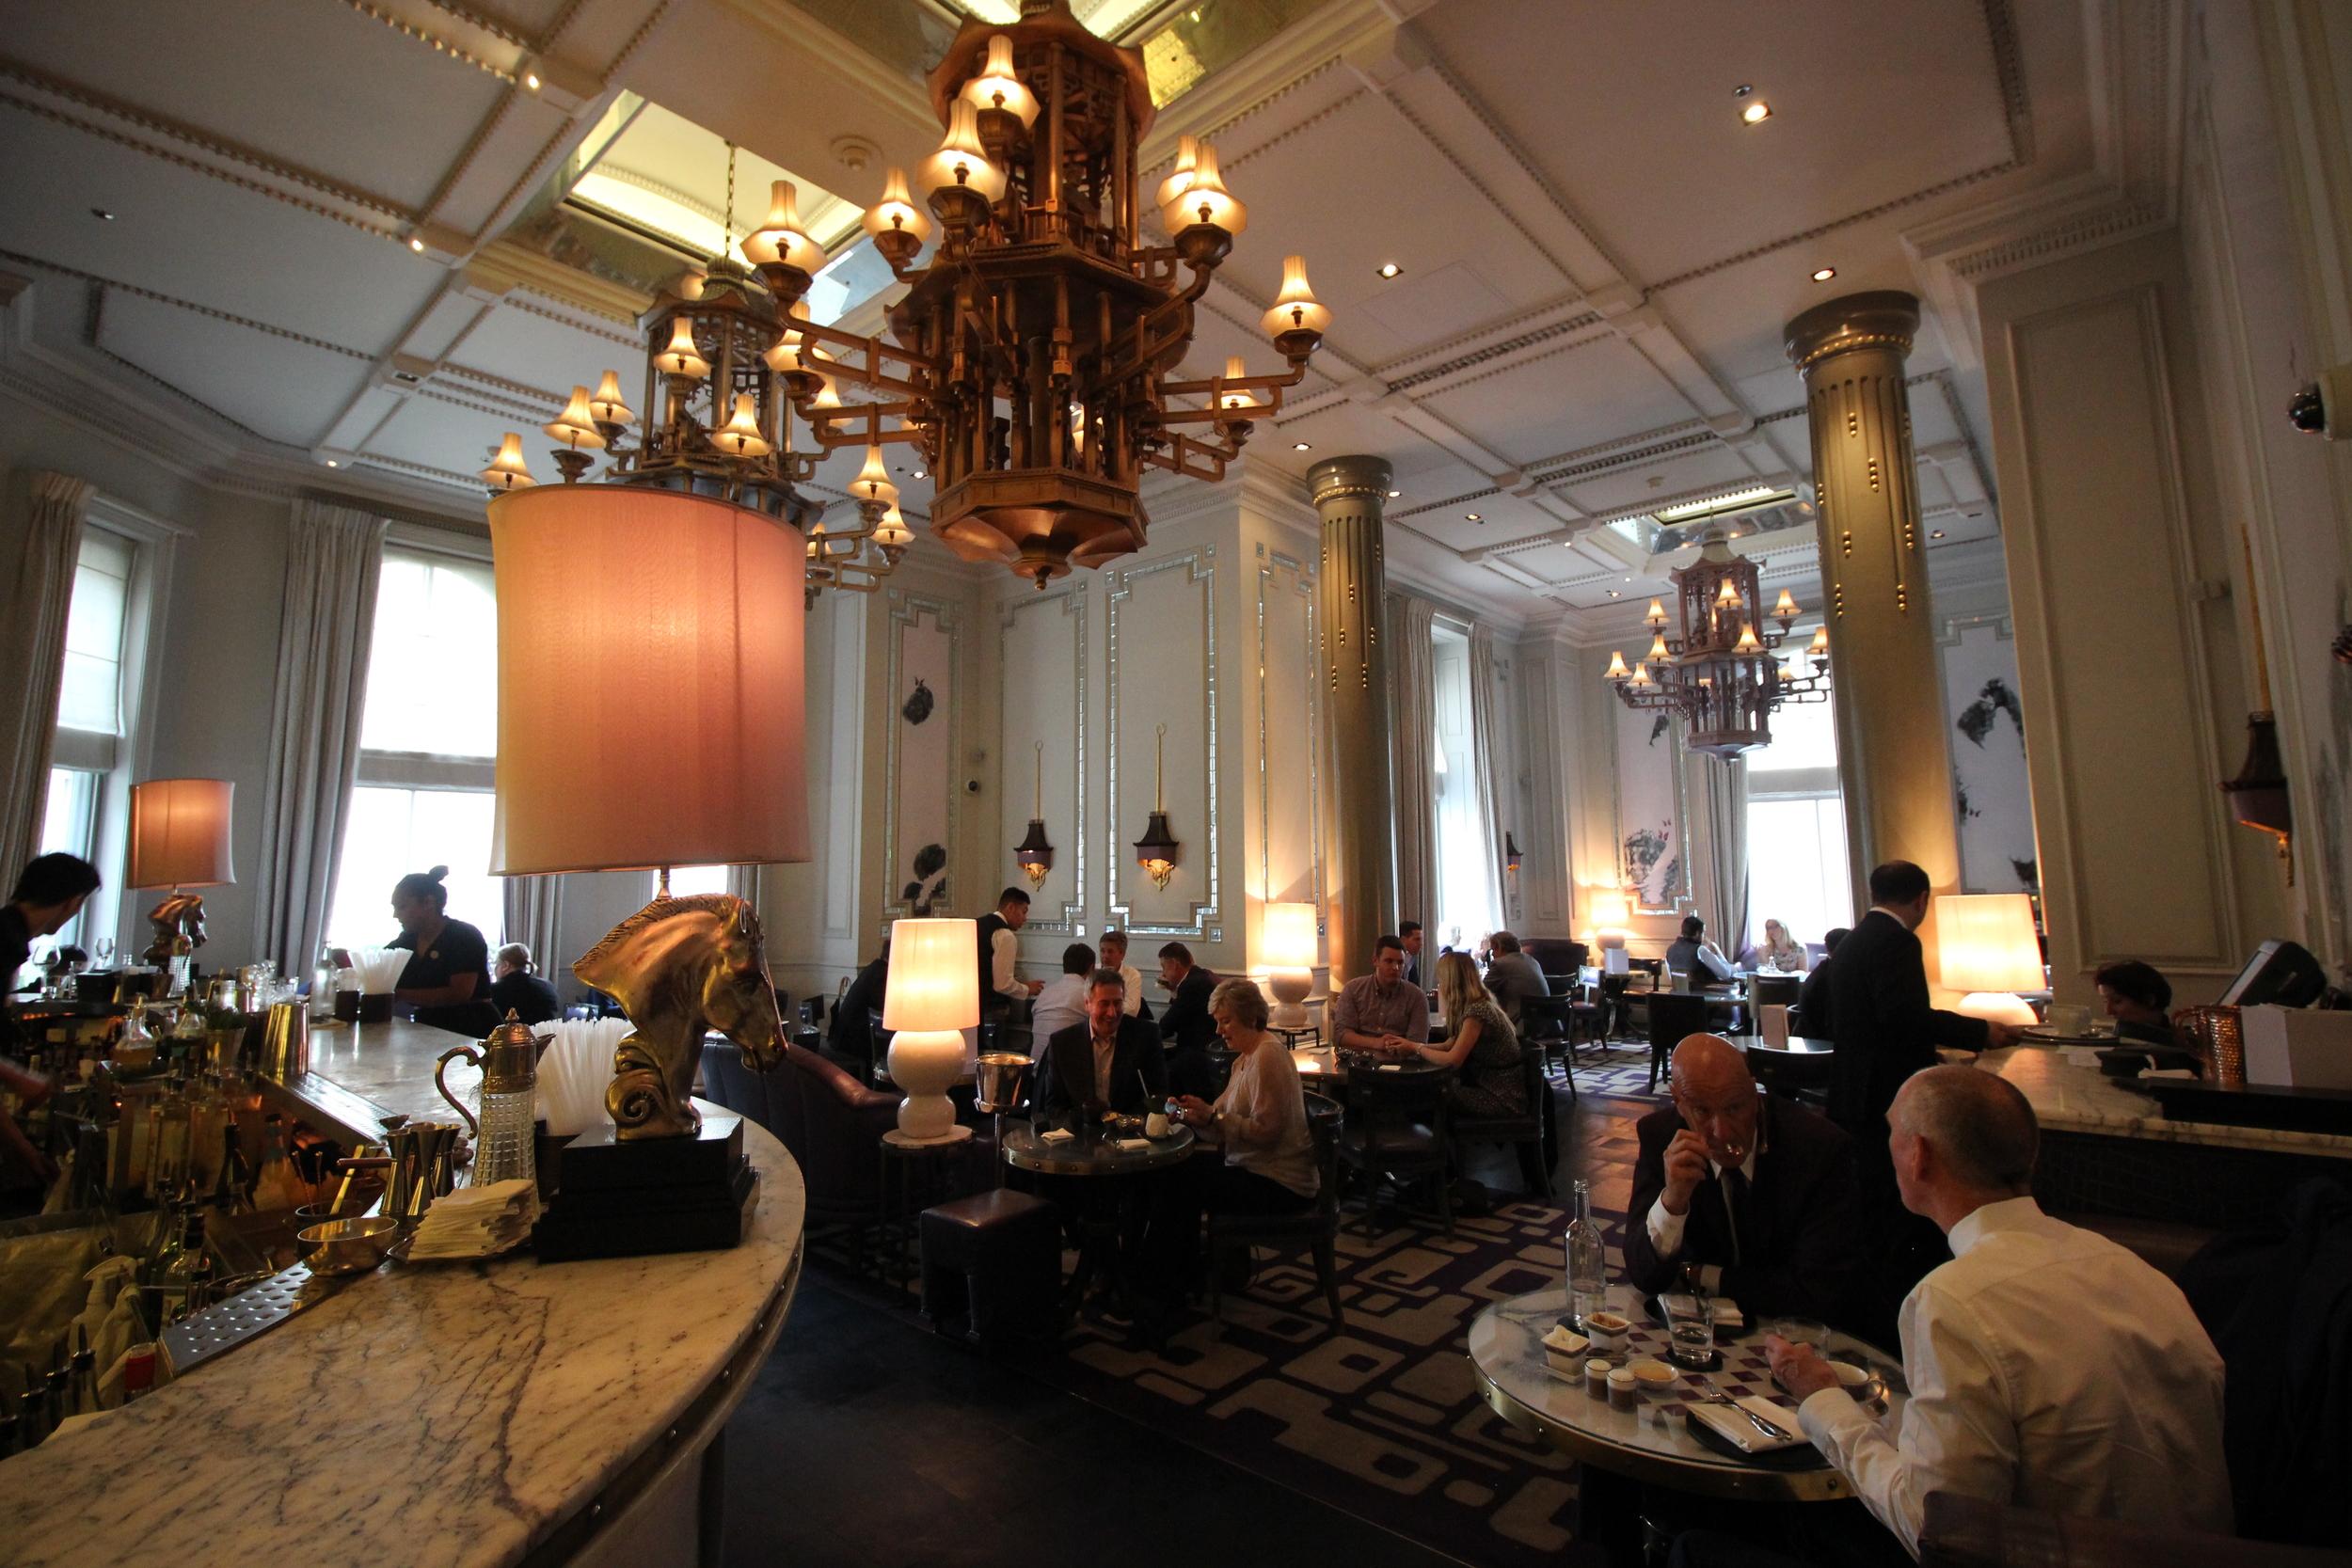 Artesian Bar in the hotel